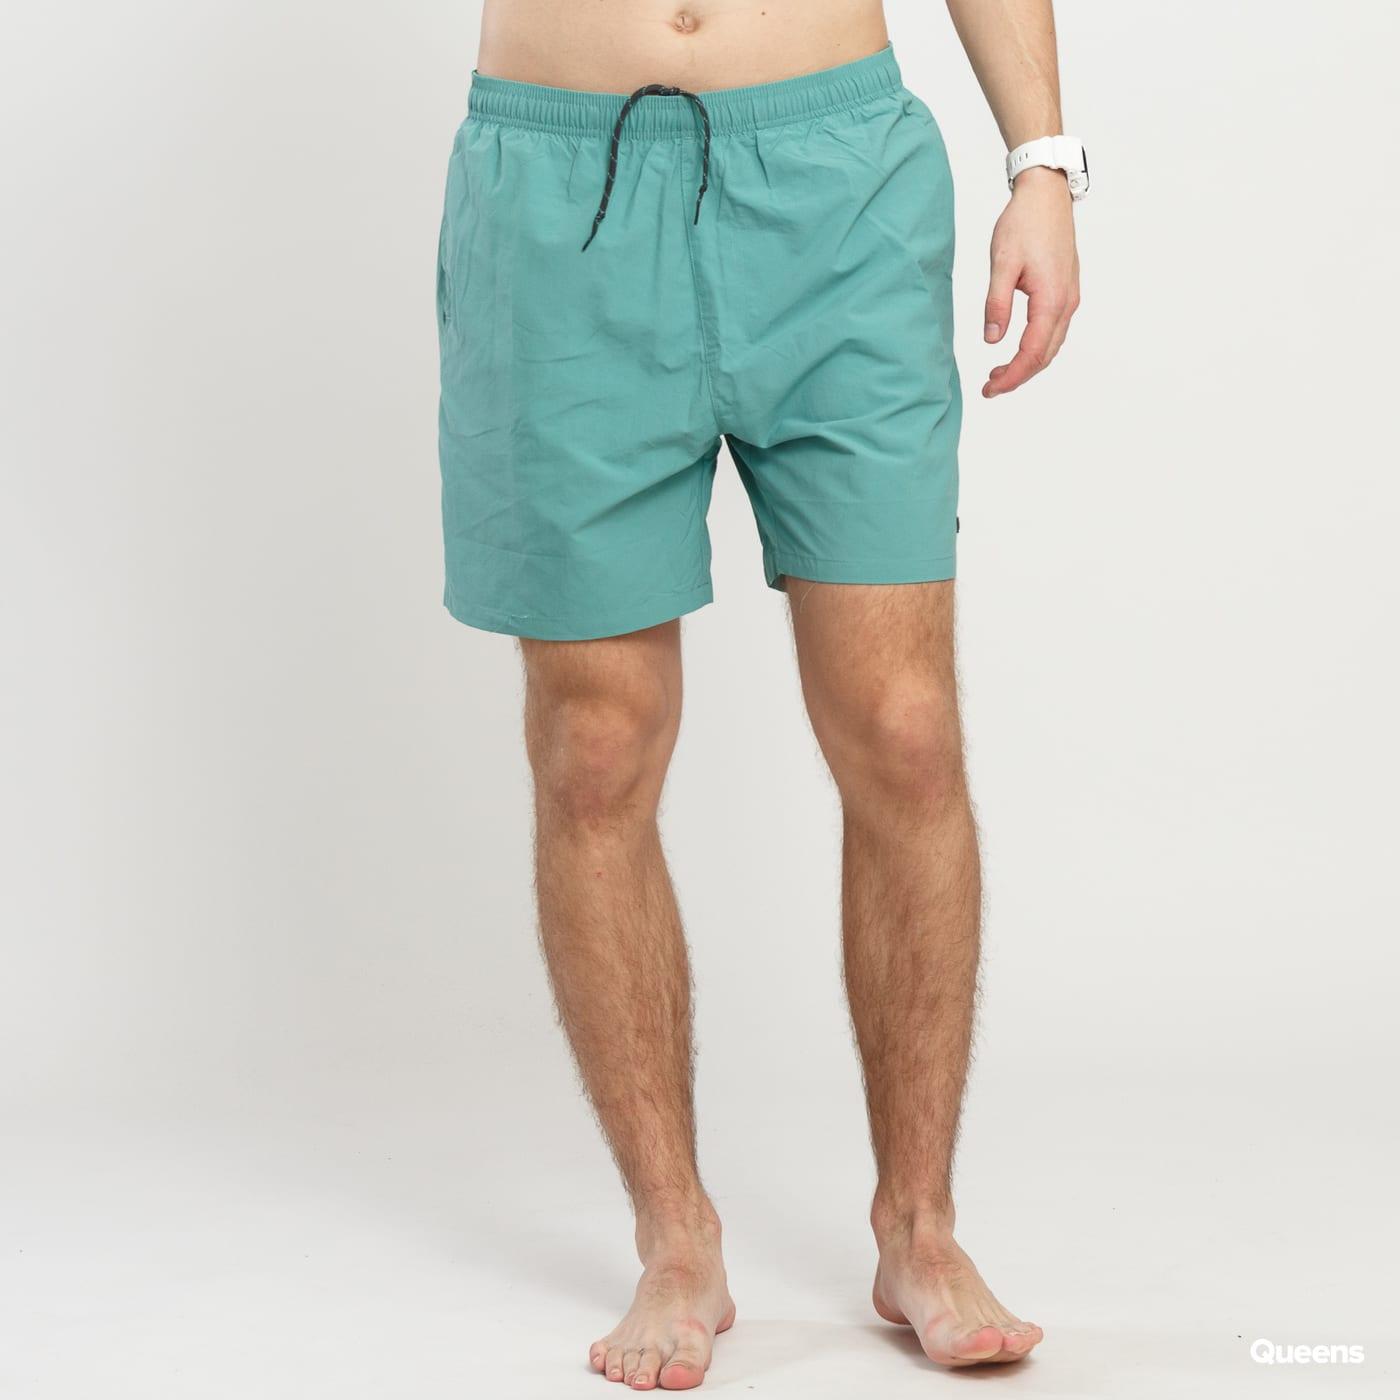 024d63fcee2 Men Swim Shorts Columbia Roatan Drifter Water Short green (1768842344) –  Queens 💚